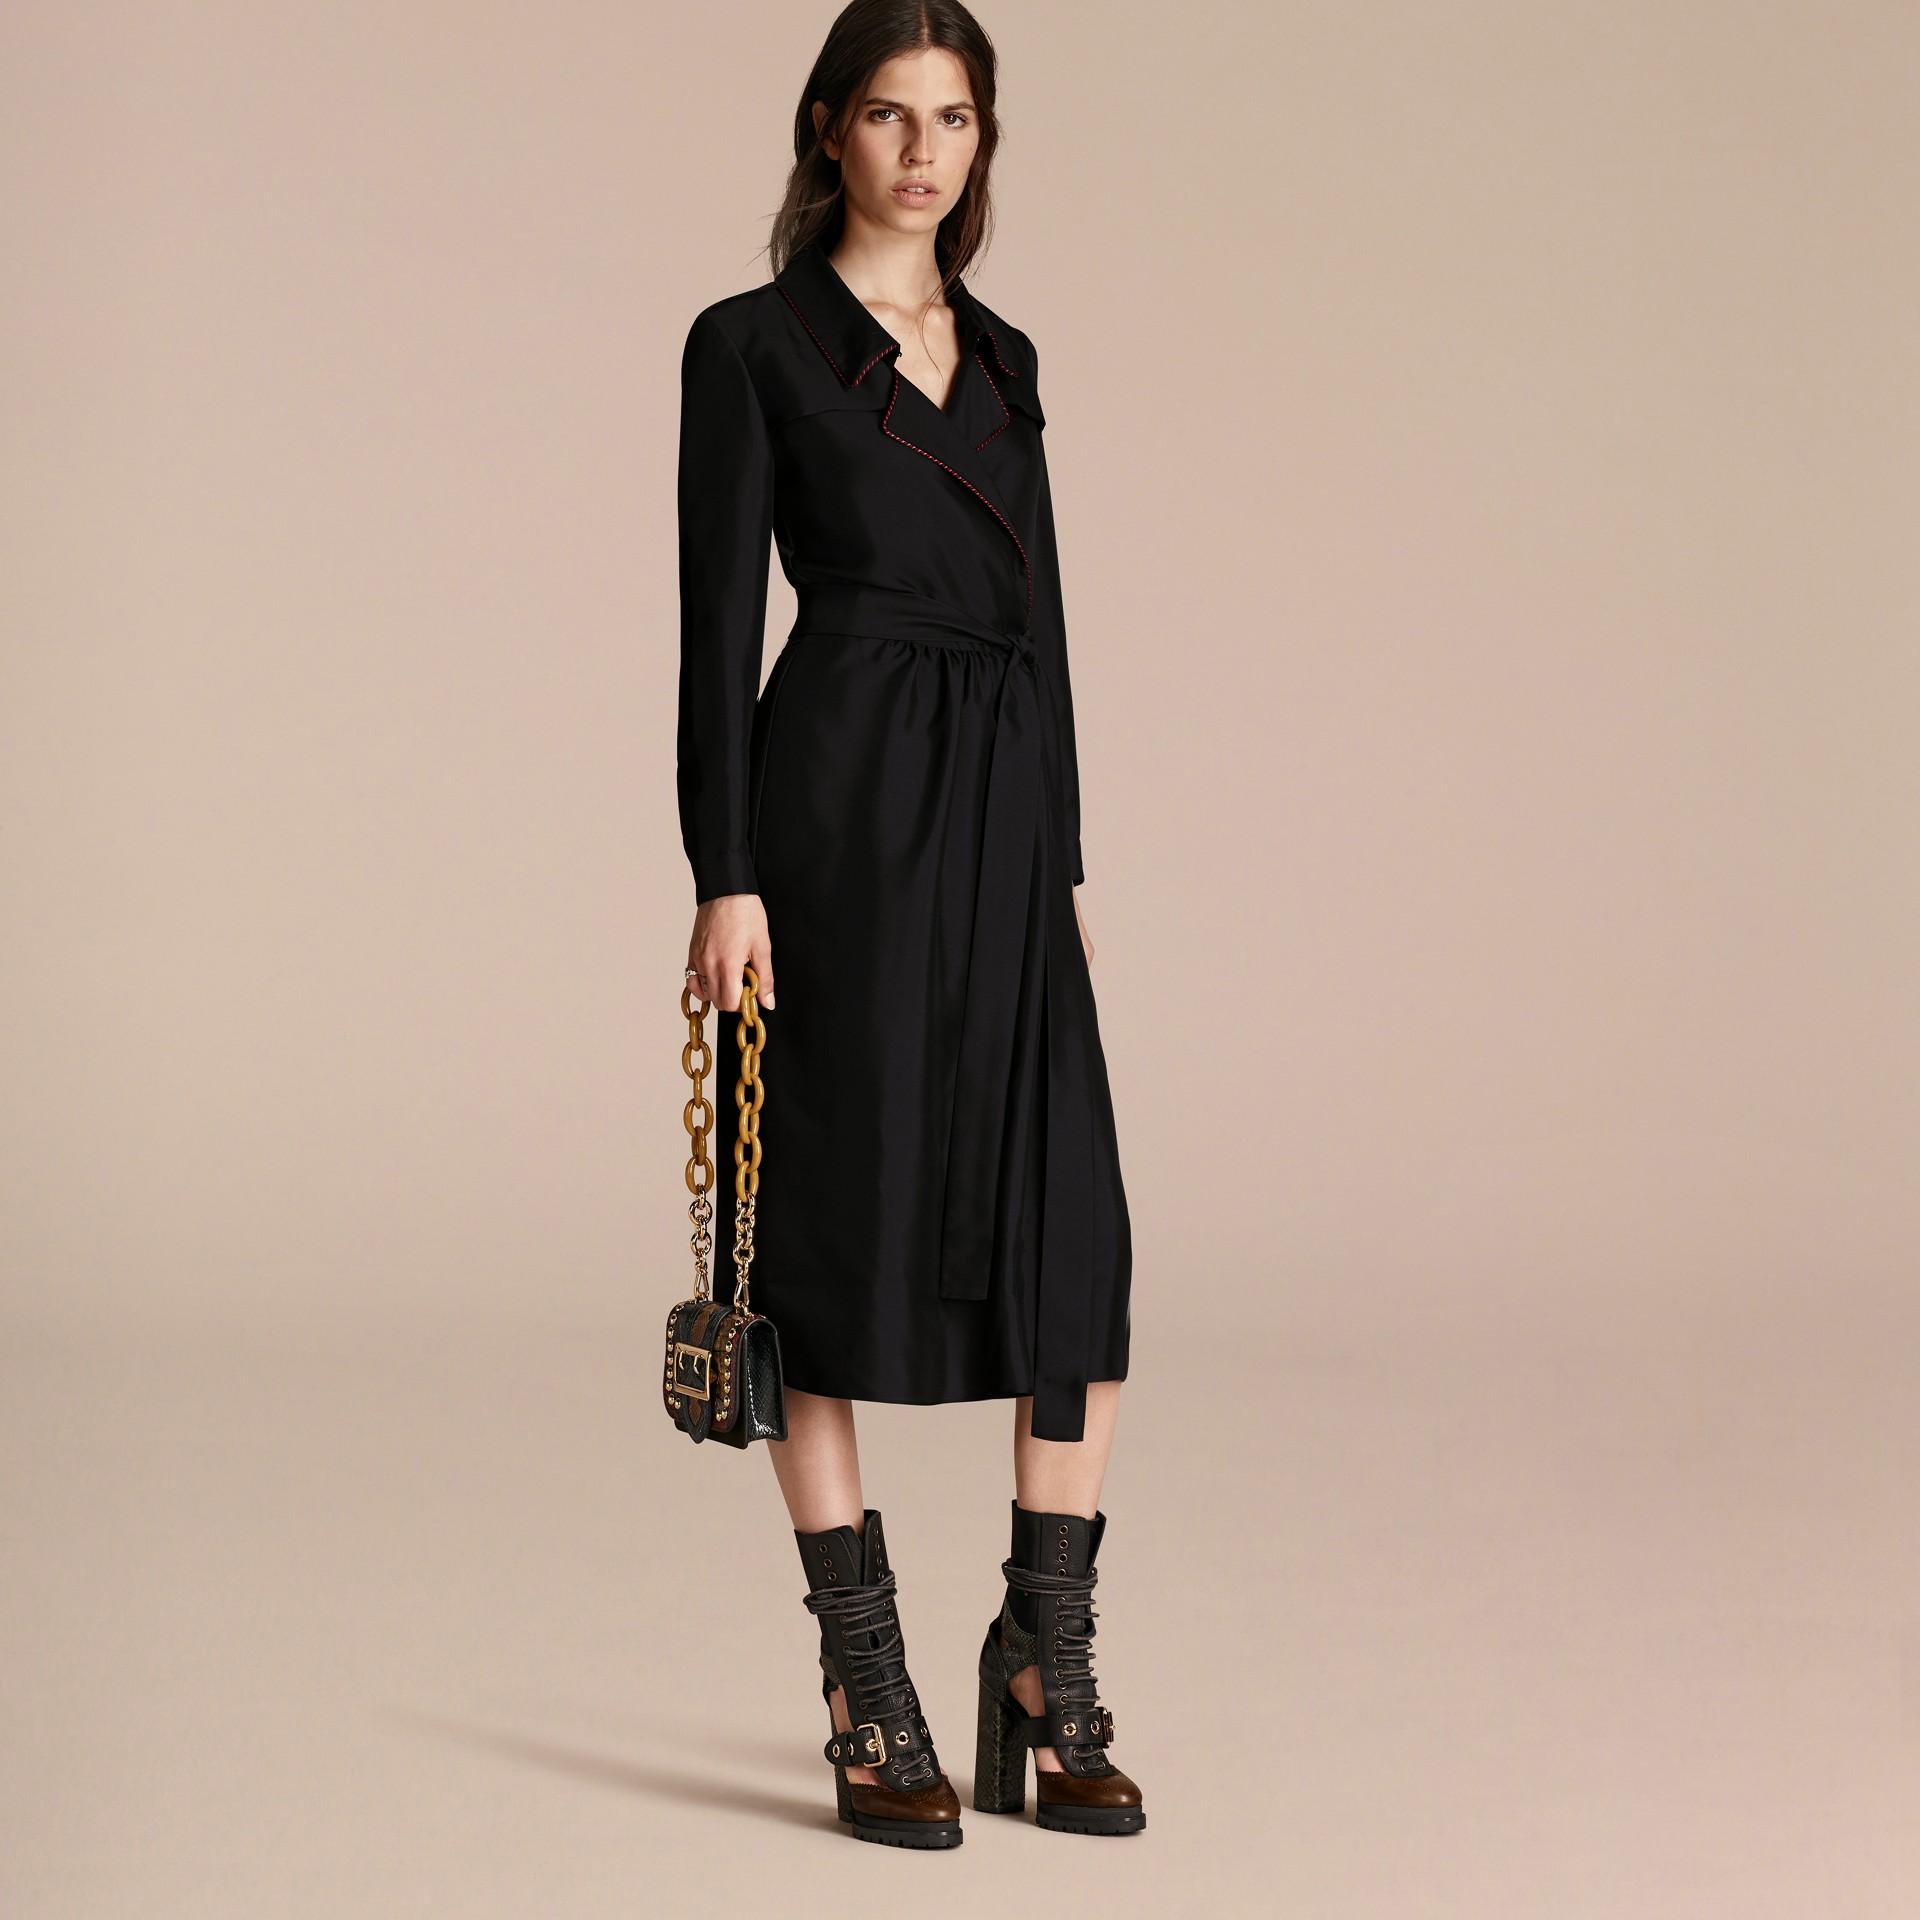 Preto Vestido Trench estilo wrap de seda com debrum militar - galeria de imagens 7